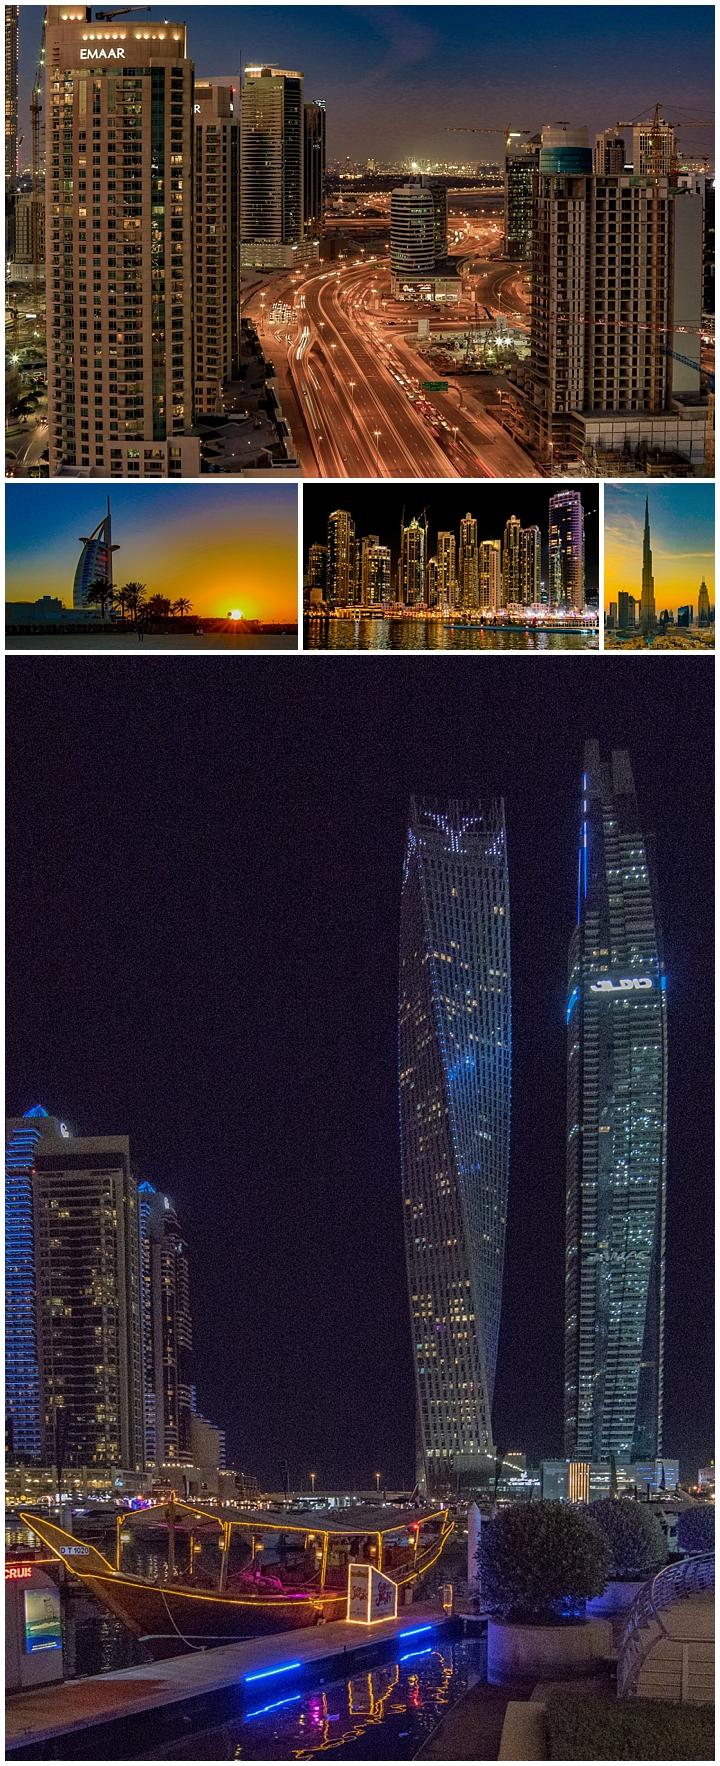 Dubai, UAE - night